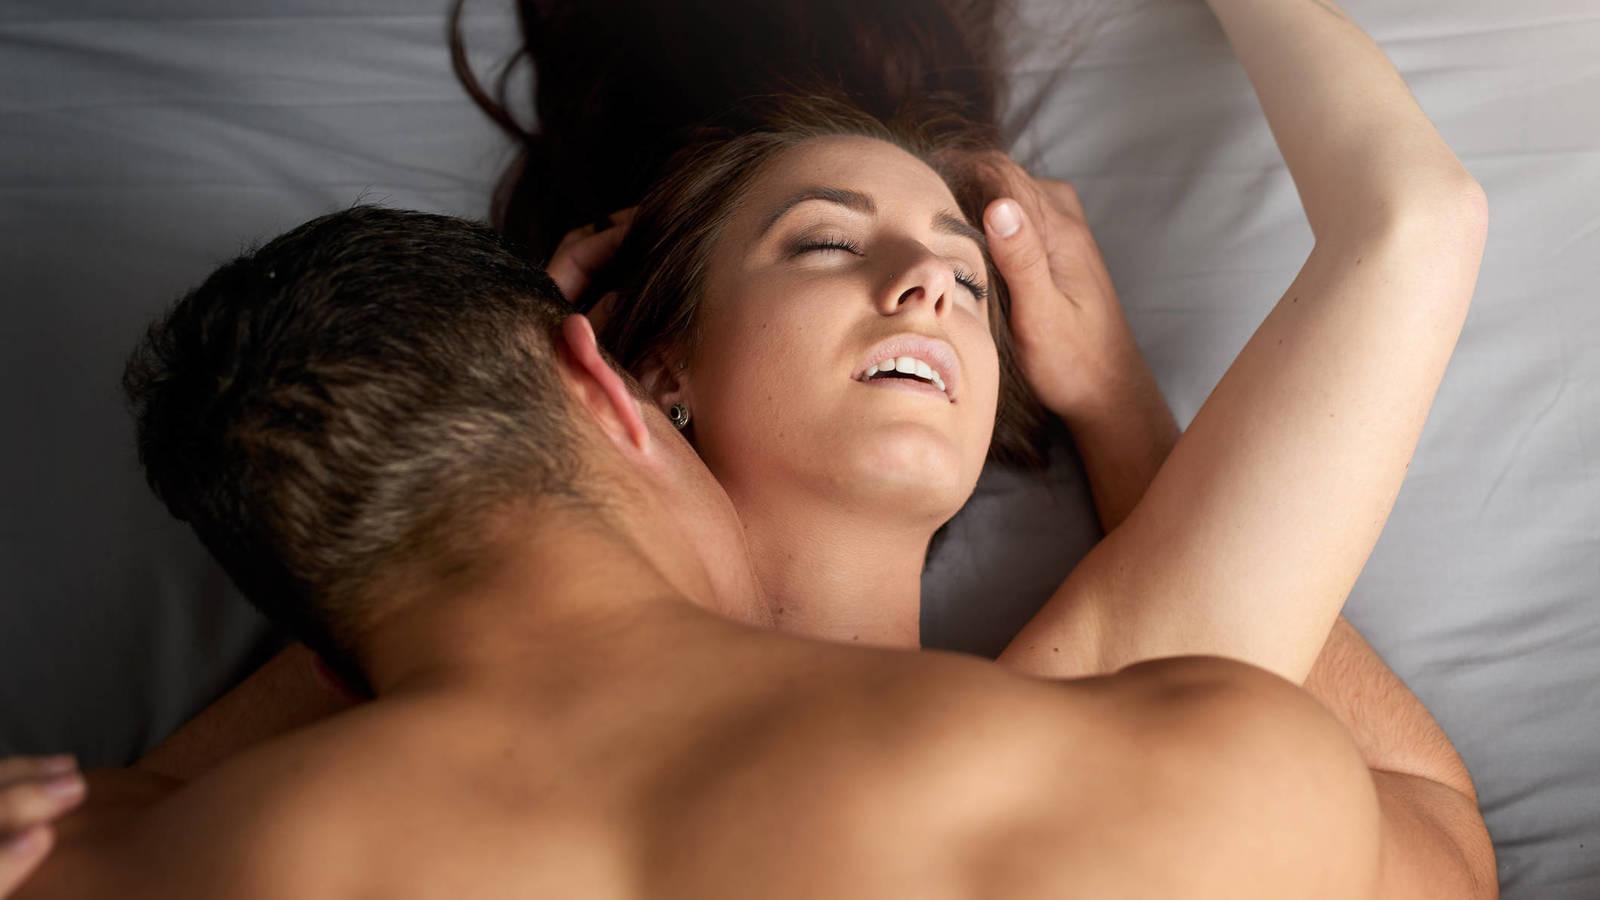 Postura de la penetracion invertida - Posturas sexuales realmente innovadoras